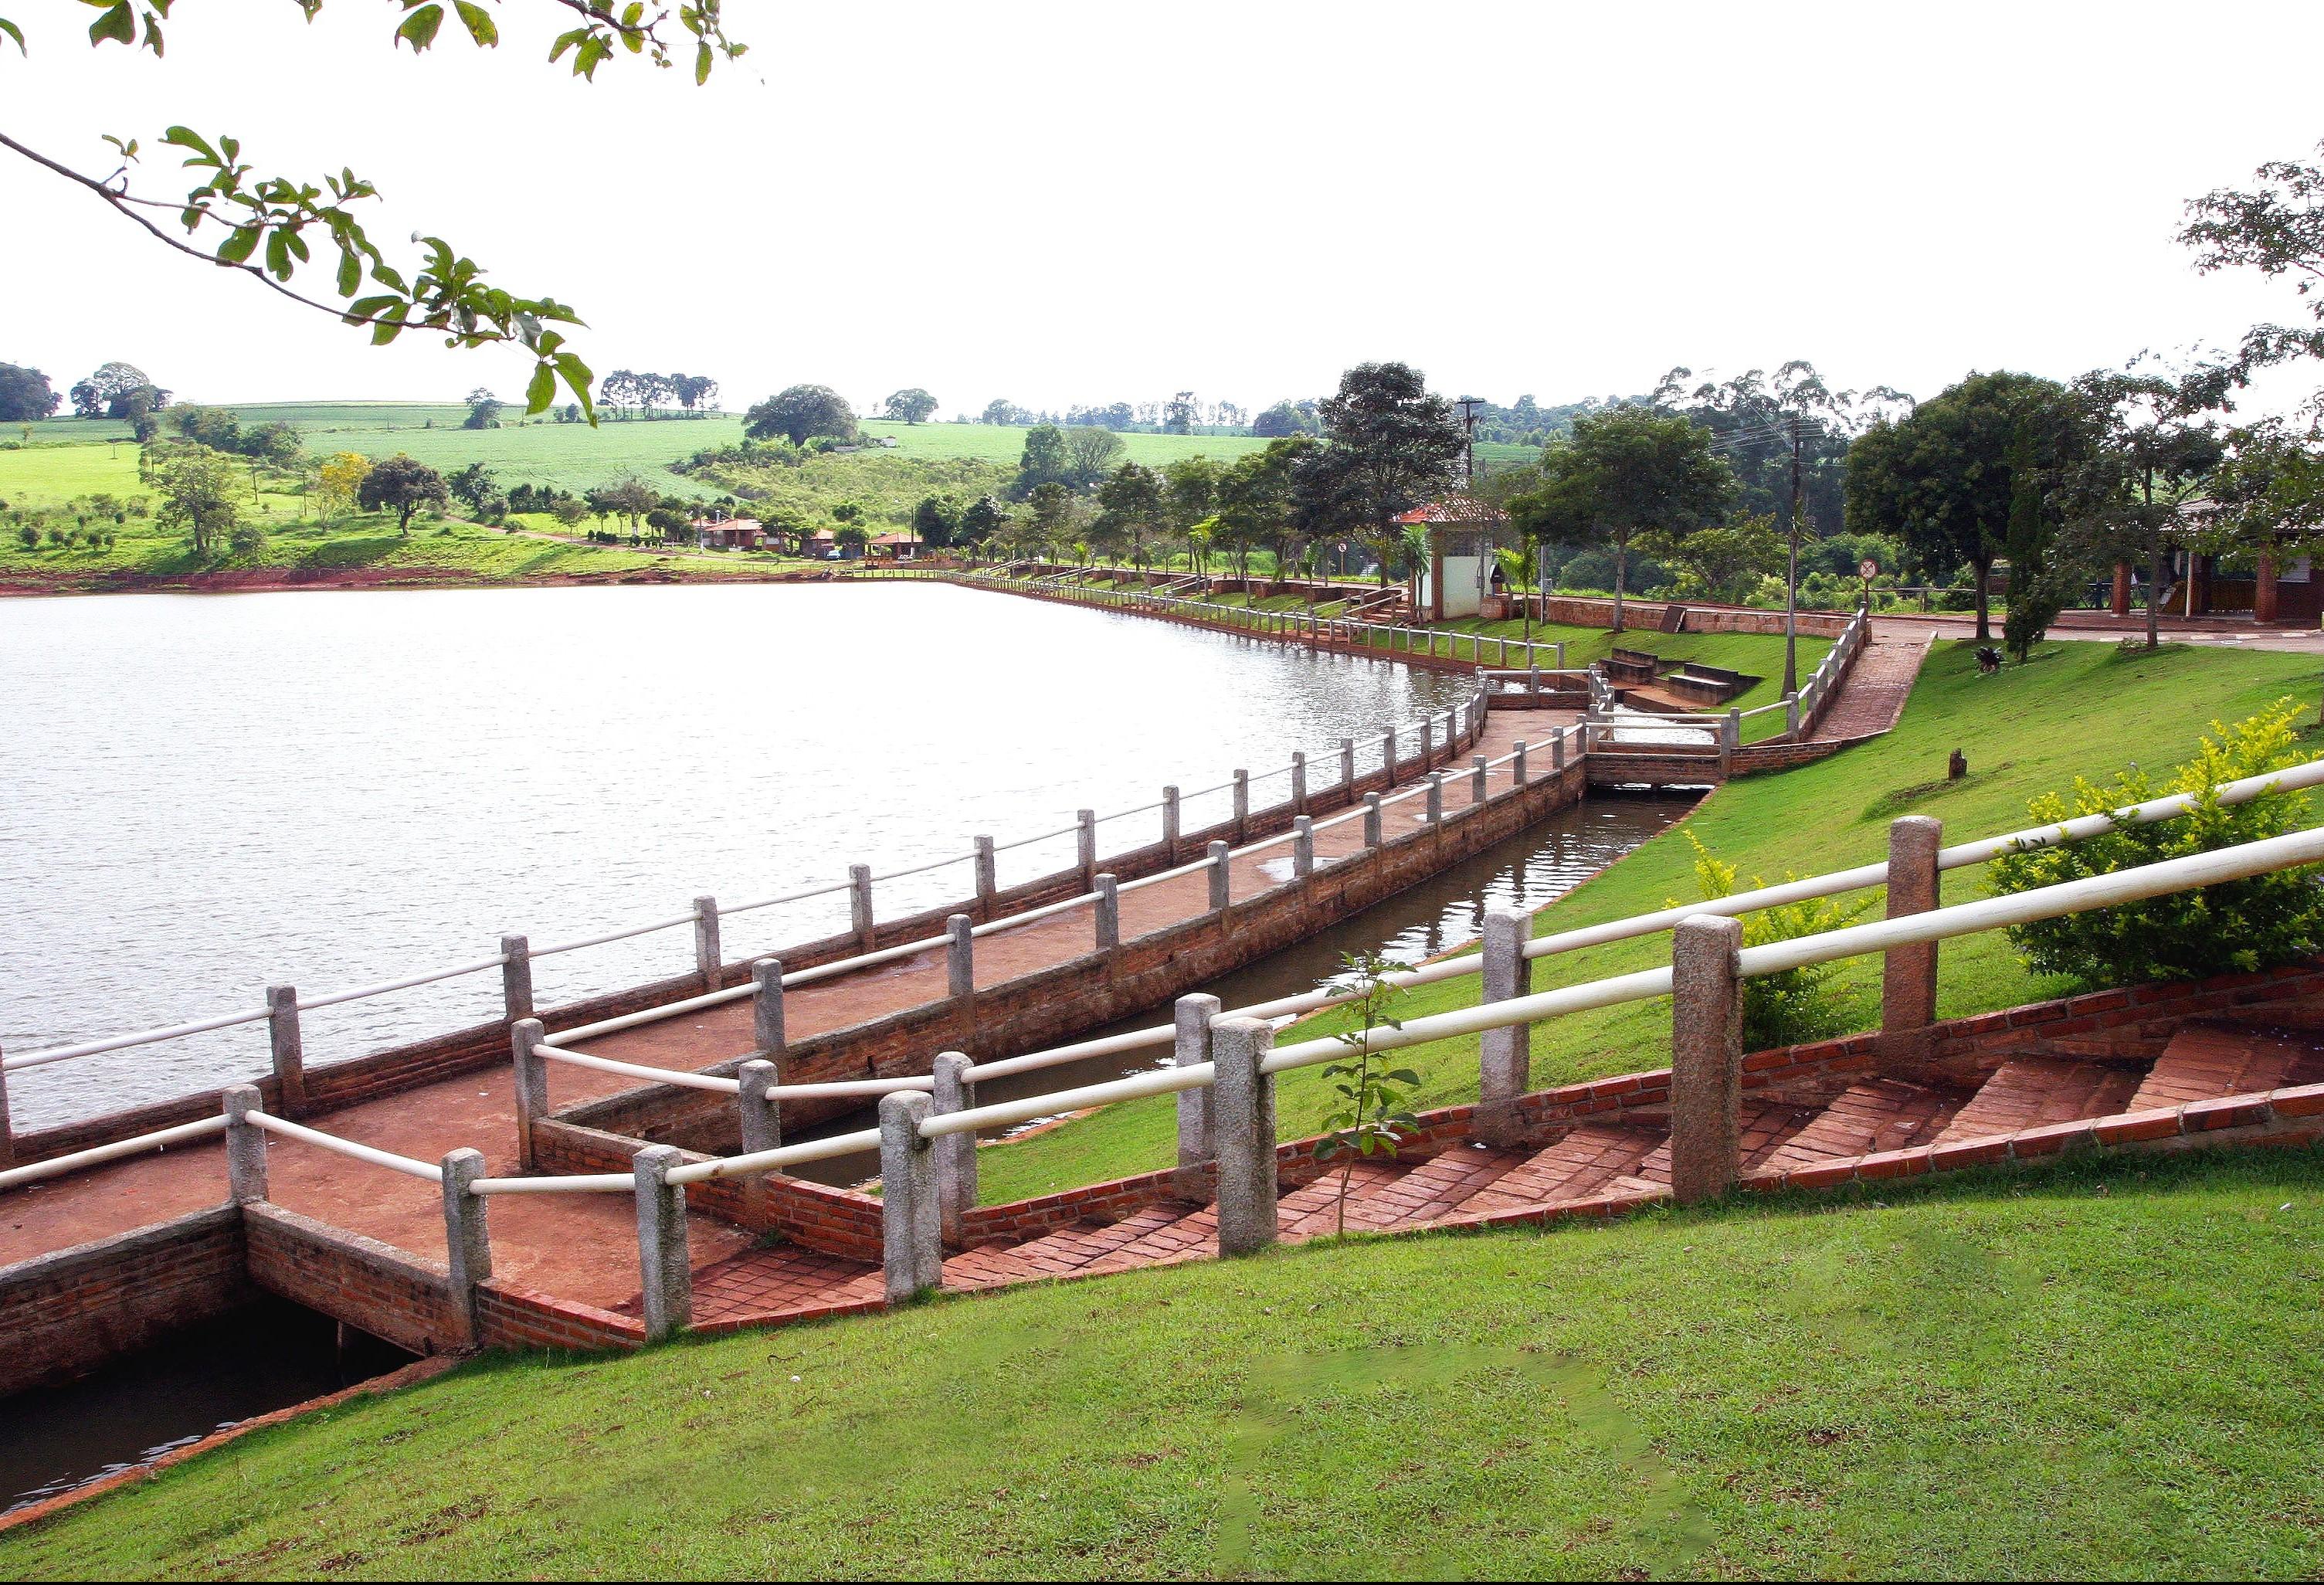 Segurança será reforçada após morte de adolescentes no lago do parque em Apucarana